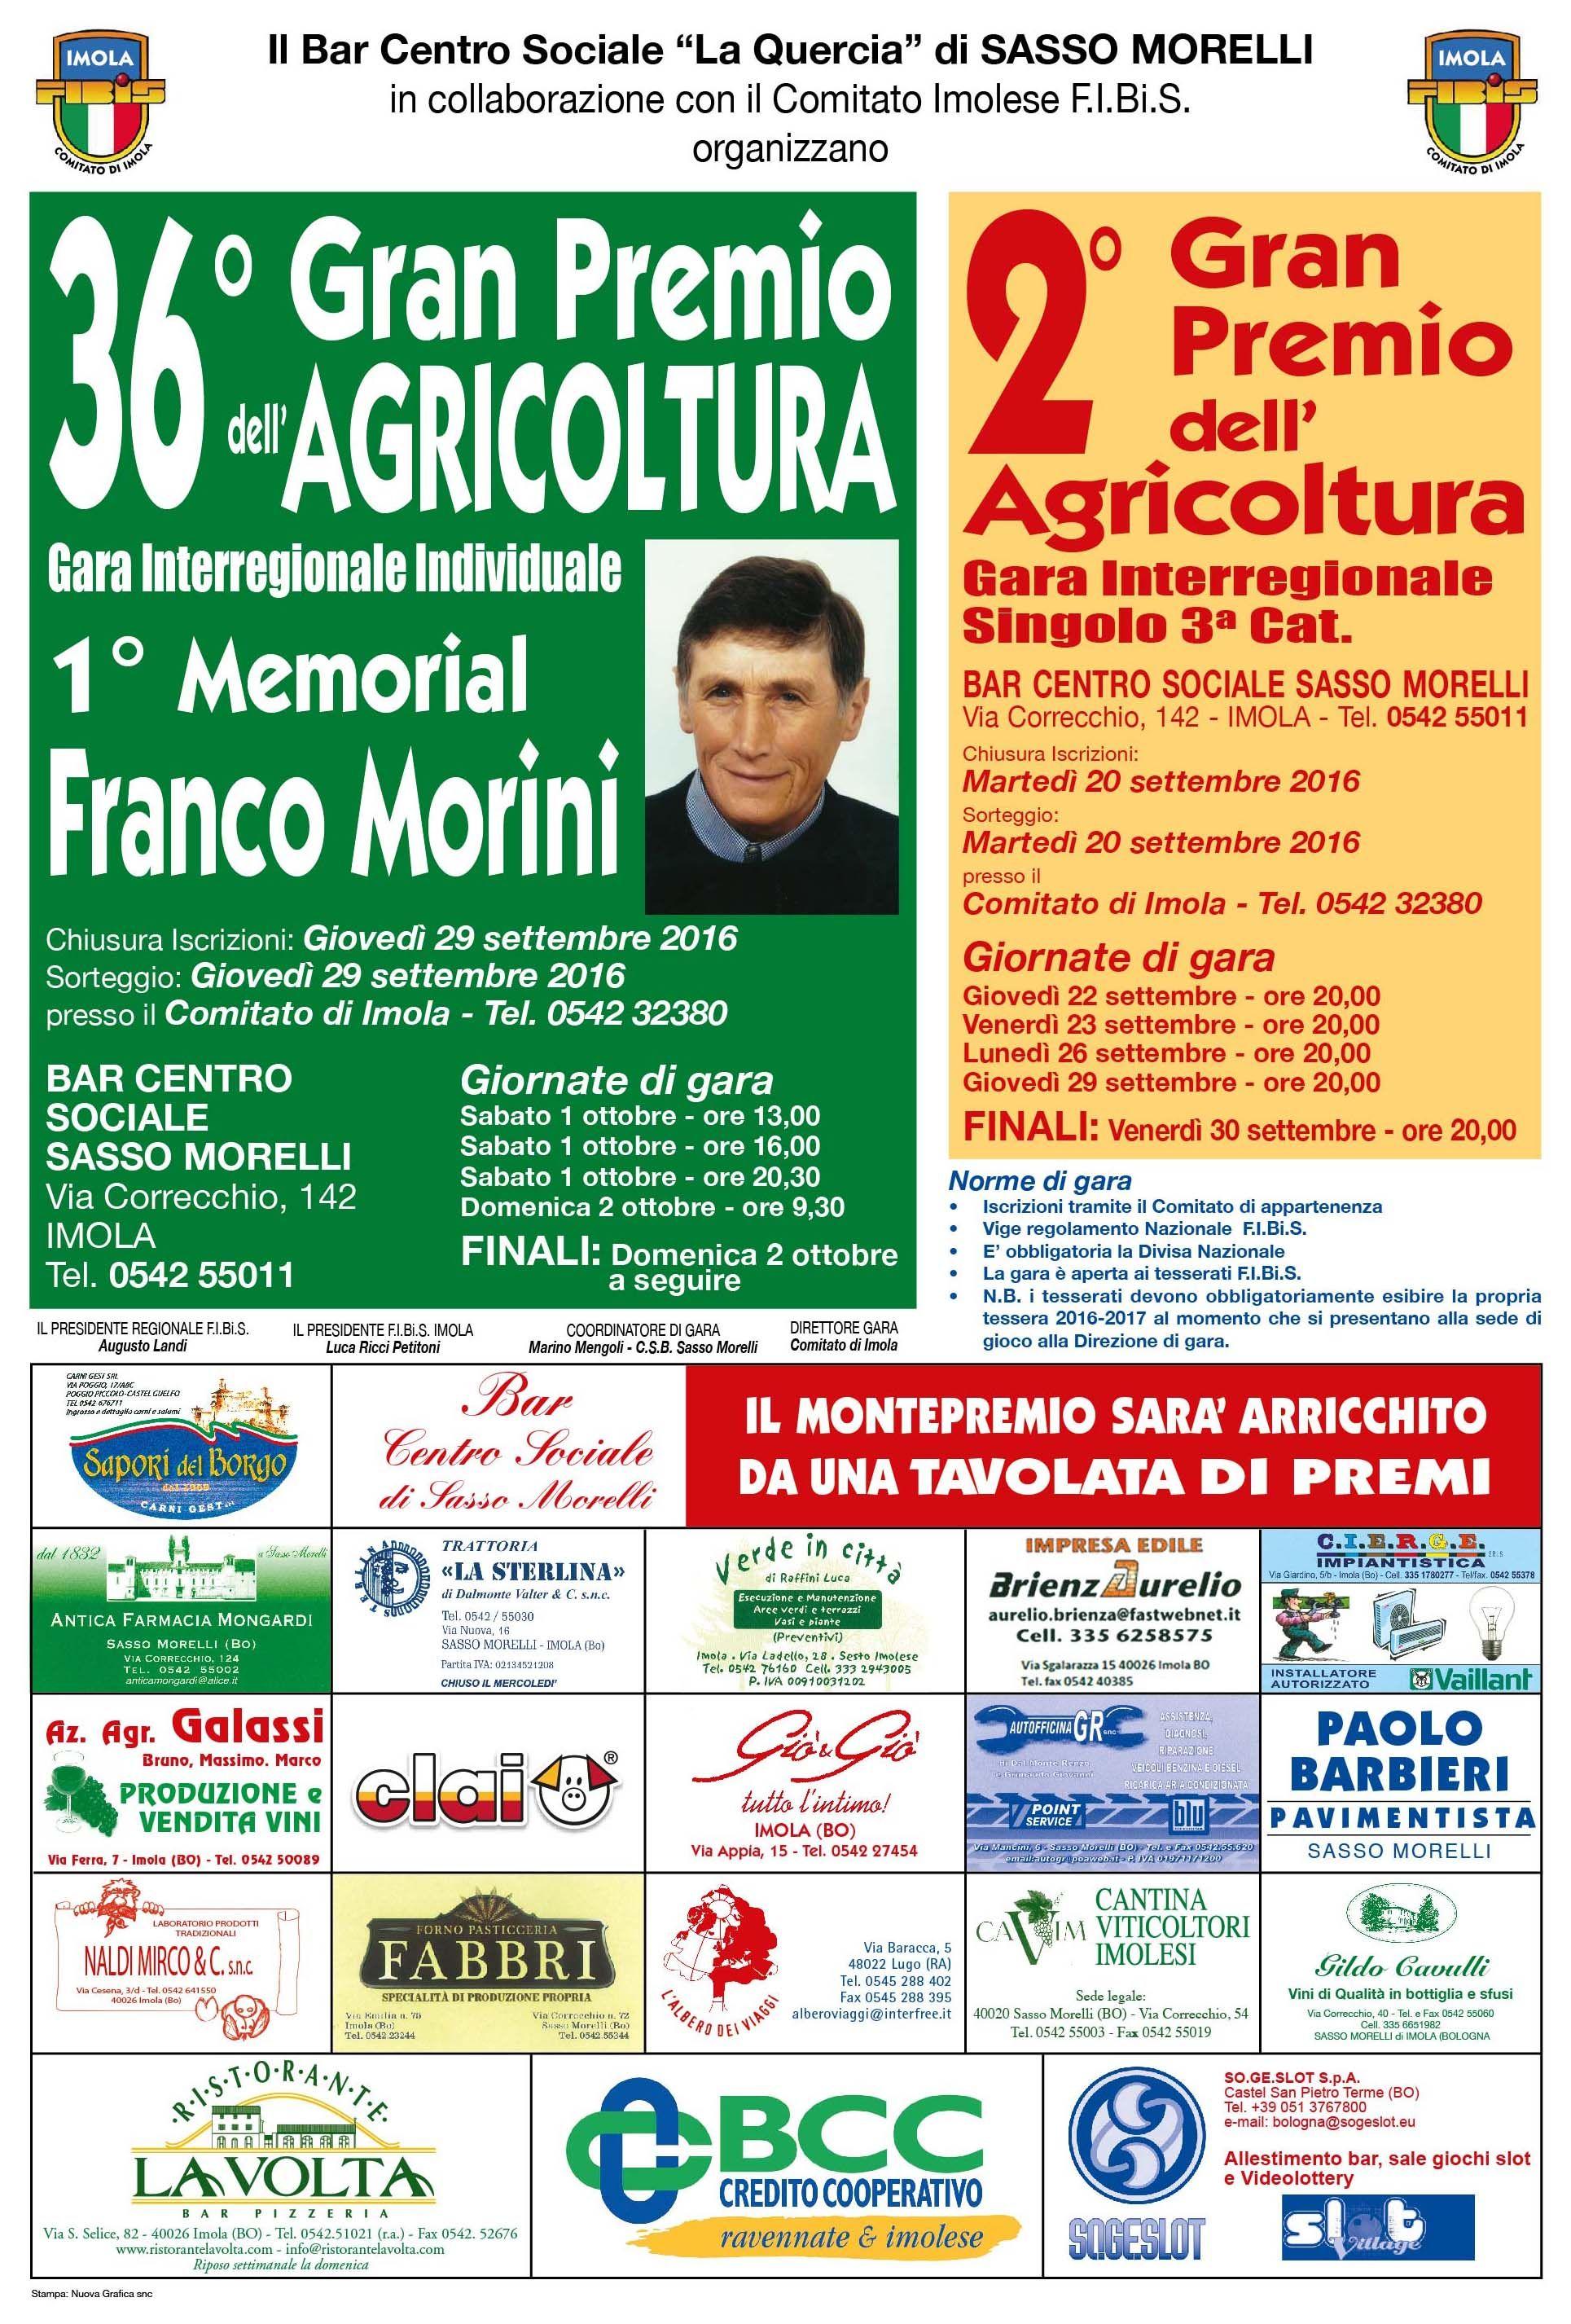 36° Gran Premio Agricoltura (Gara interregionale Individuale)